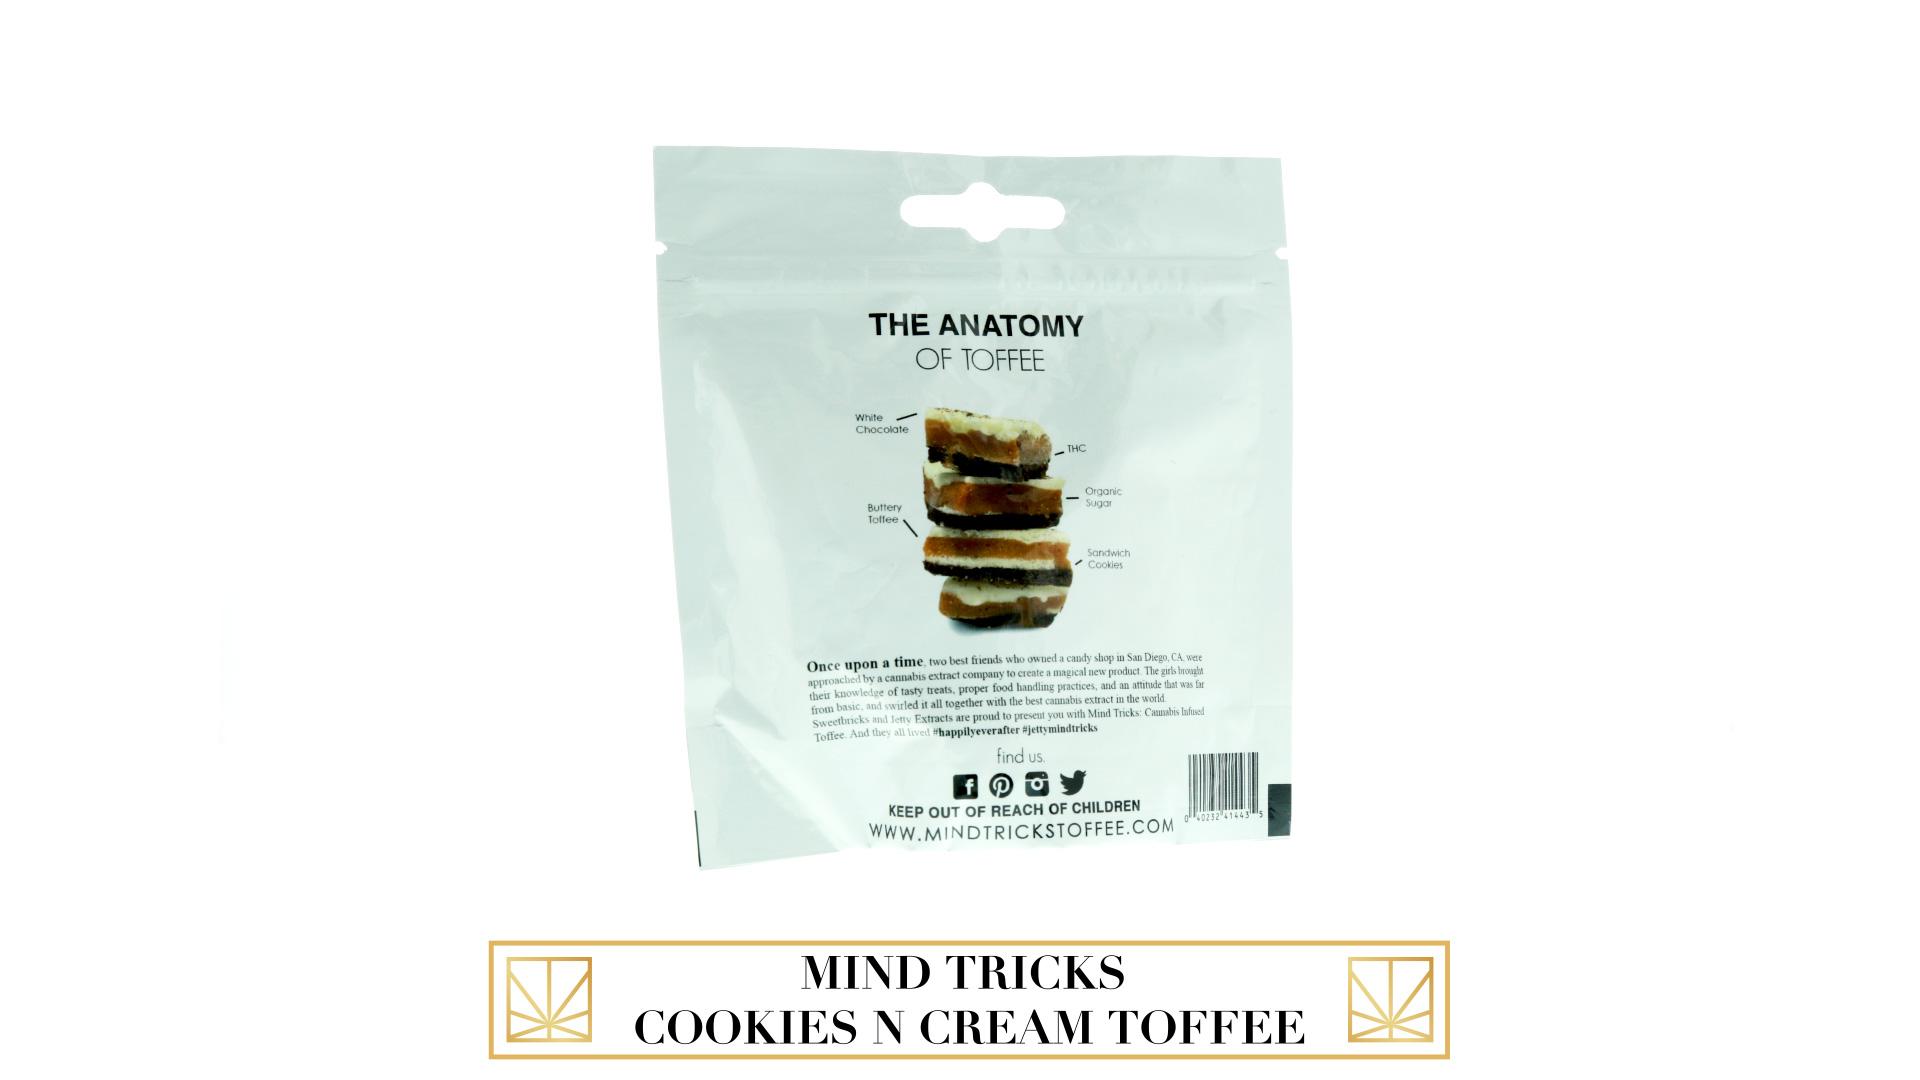 Mind Tricks Cookies N Cream Toffee